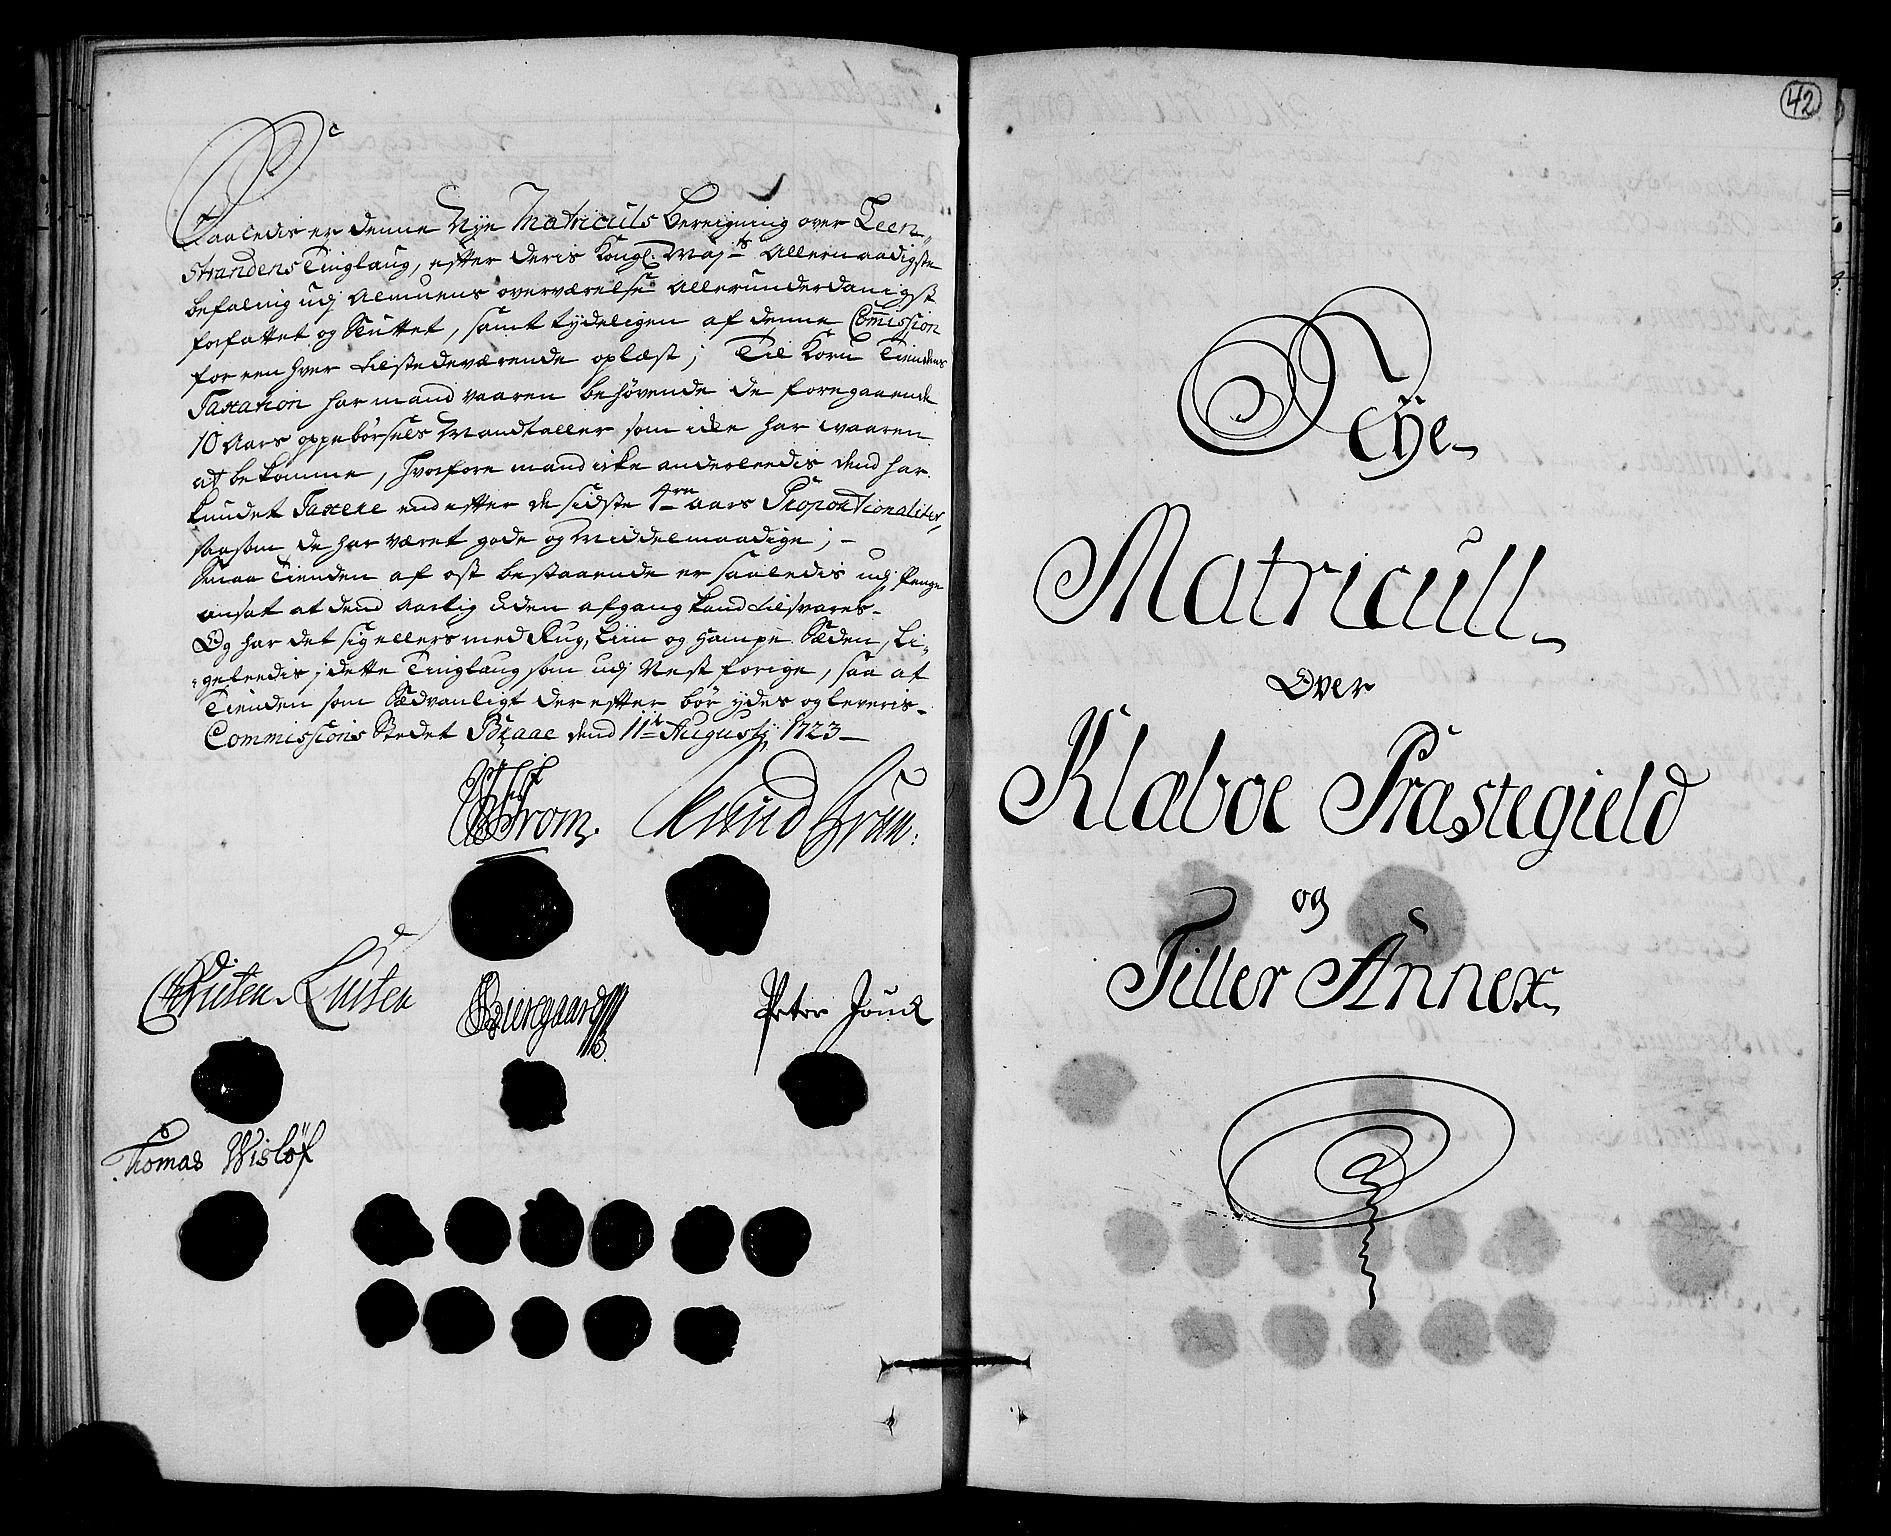 RA, Rentekammeret inntil 1814, Realistisk ordnet avdeling, N/Nb/Nbf/L0161: Strinda og Selbu matrikkelprotokoll, 1723, s. 41b-42a